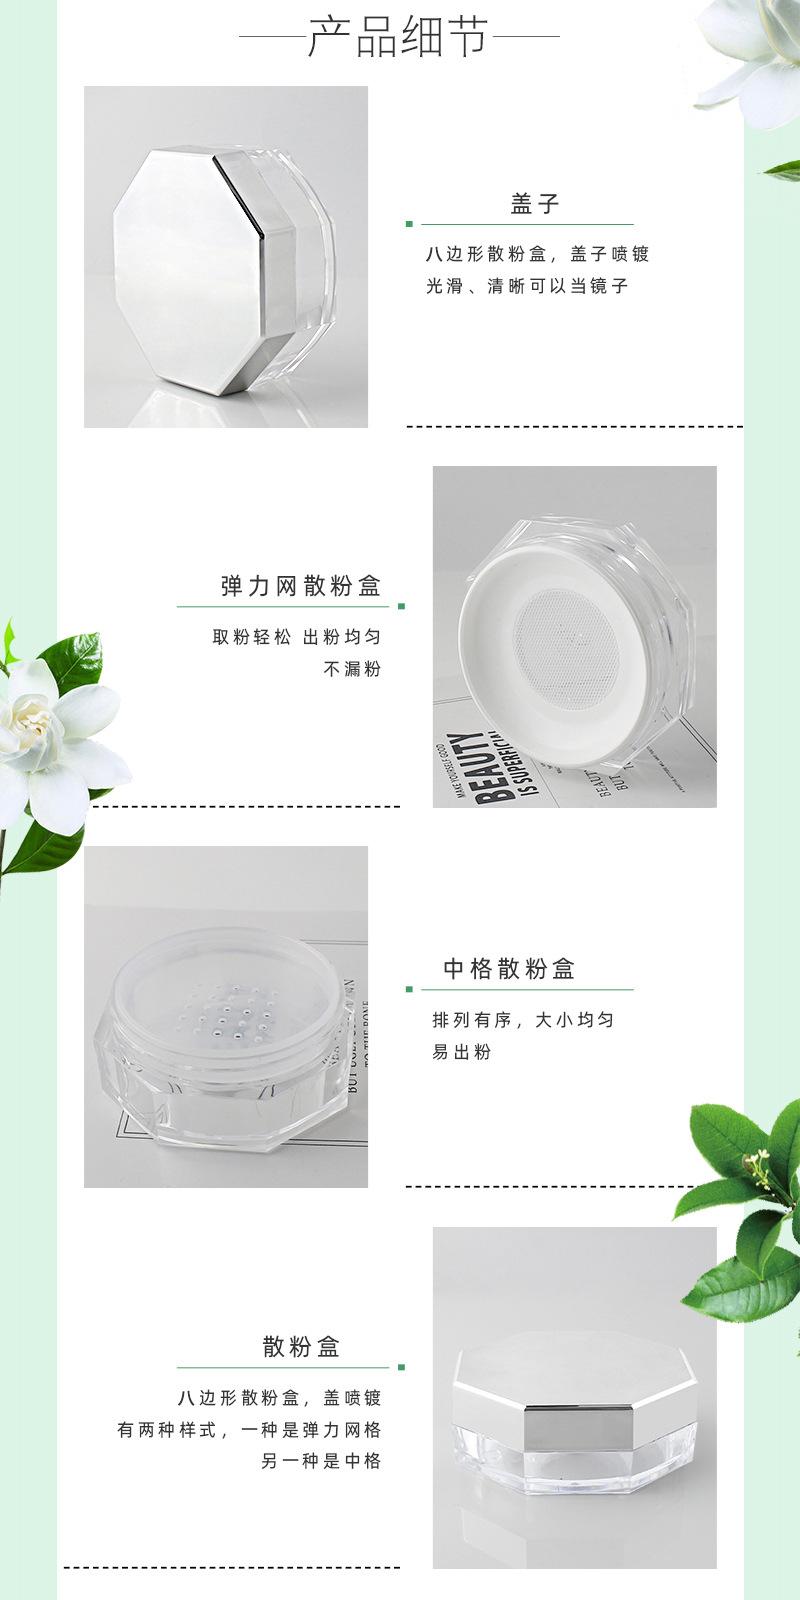 散粉盒参数产品信息